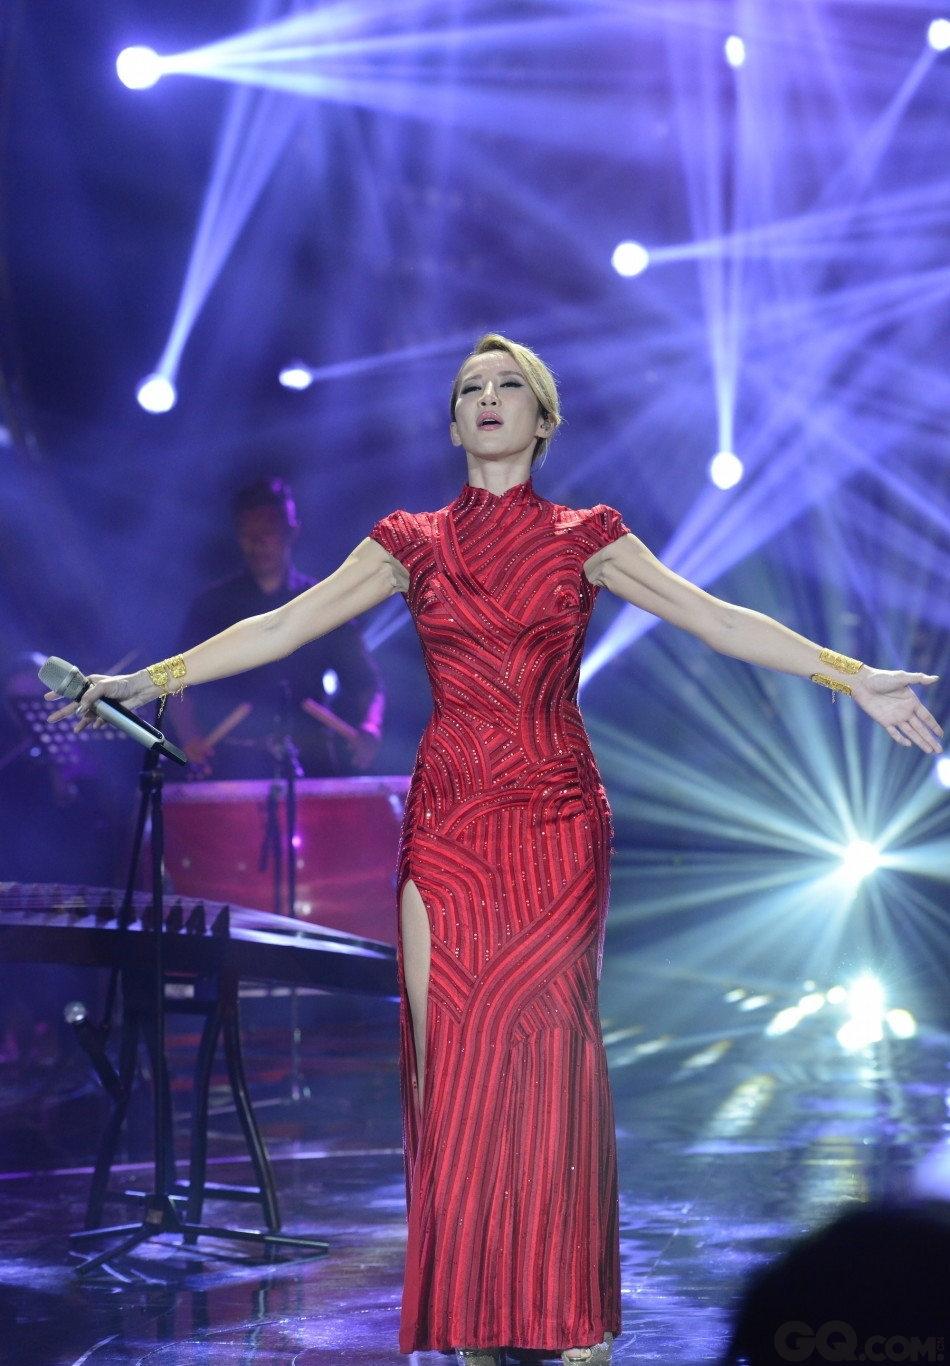 """对于这场比赛绝对的重视,一度被指身材发福的李玟通过三个月的比赛瘦身,回归黄金时期的21寸腰围,再次穿上2001年亮相奥斯卡时的红色旗袍登台,而其母亲在VCR中的献声让全场观众飙泪。对于这首压箱底的代表作,李玟搭配打鼓、笛子、古筝等诸多中国传统乐器再加入不少新鲜元素,其中两段海豚音增加不少难度。几乎零缺点的表现,让其再次无悬念赢过一同竞争的张信哲与黄致列,将""""歌王""""宝座纳入囊中。同时,李玟也成为""""歌手""""四季节目以来第一位非内地歌手夺得""""歌王""""。"""